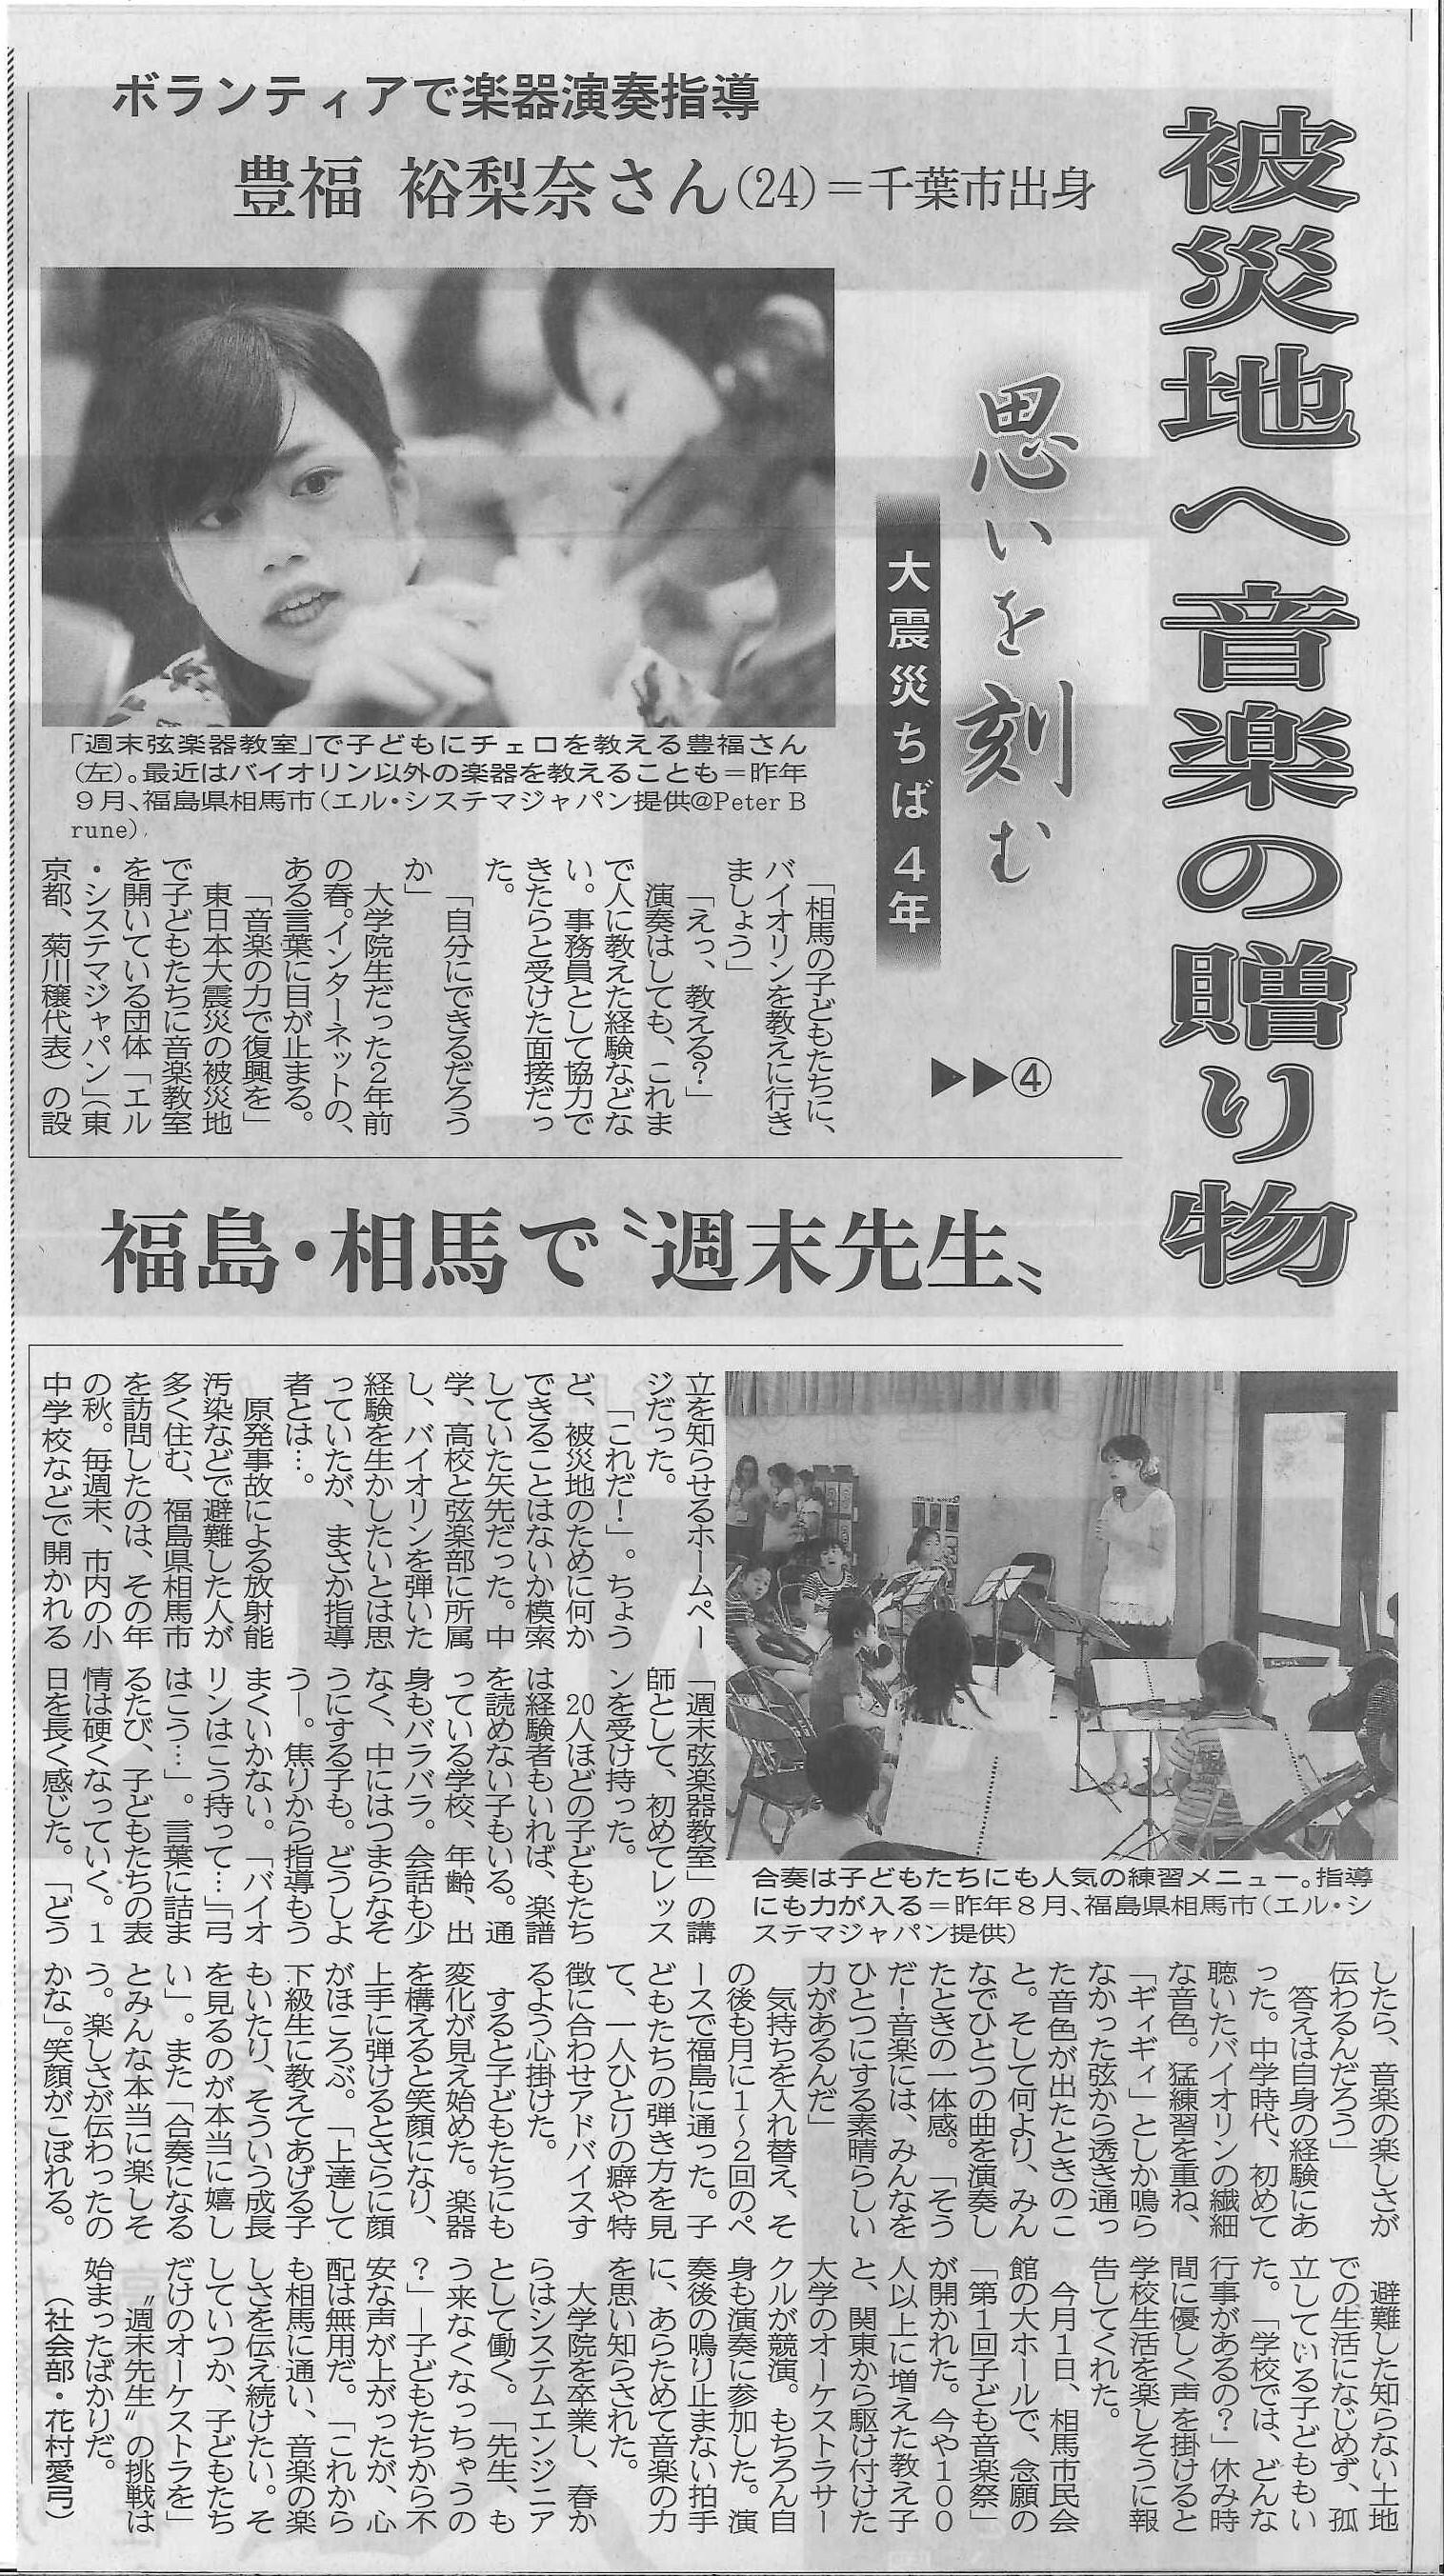 2015.03.09 千葉日報